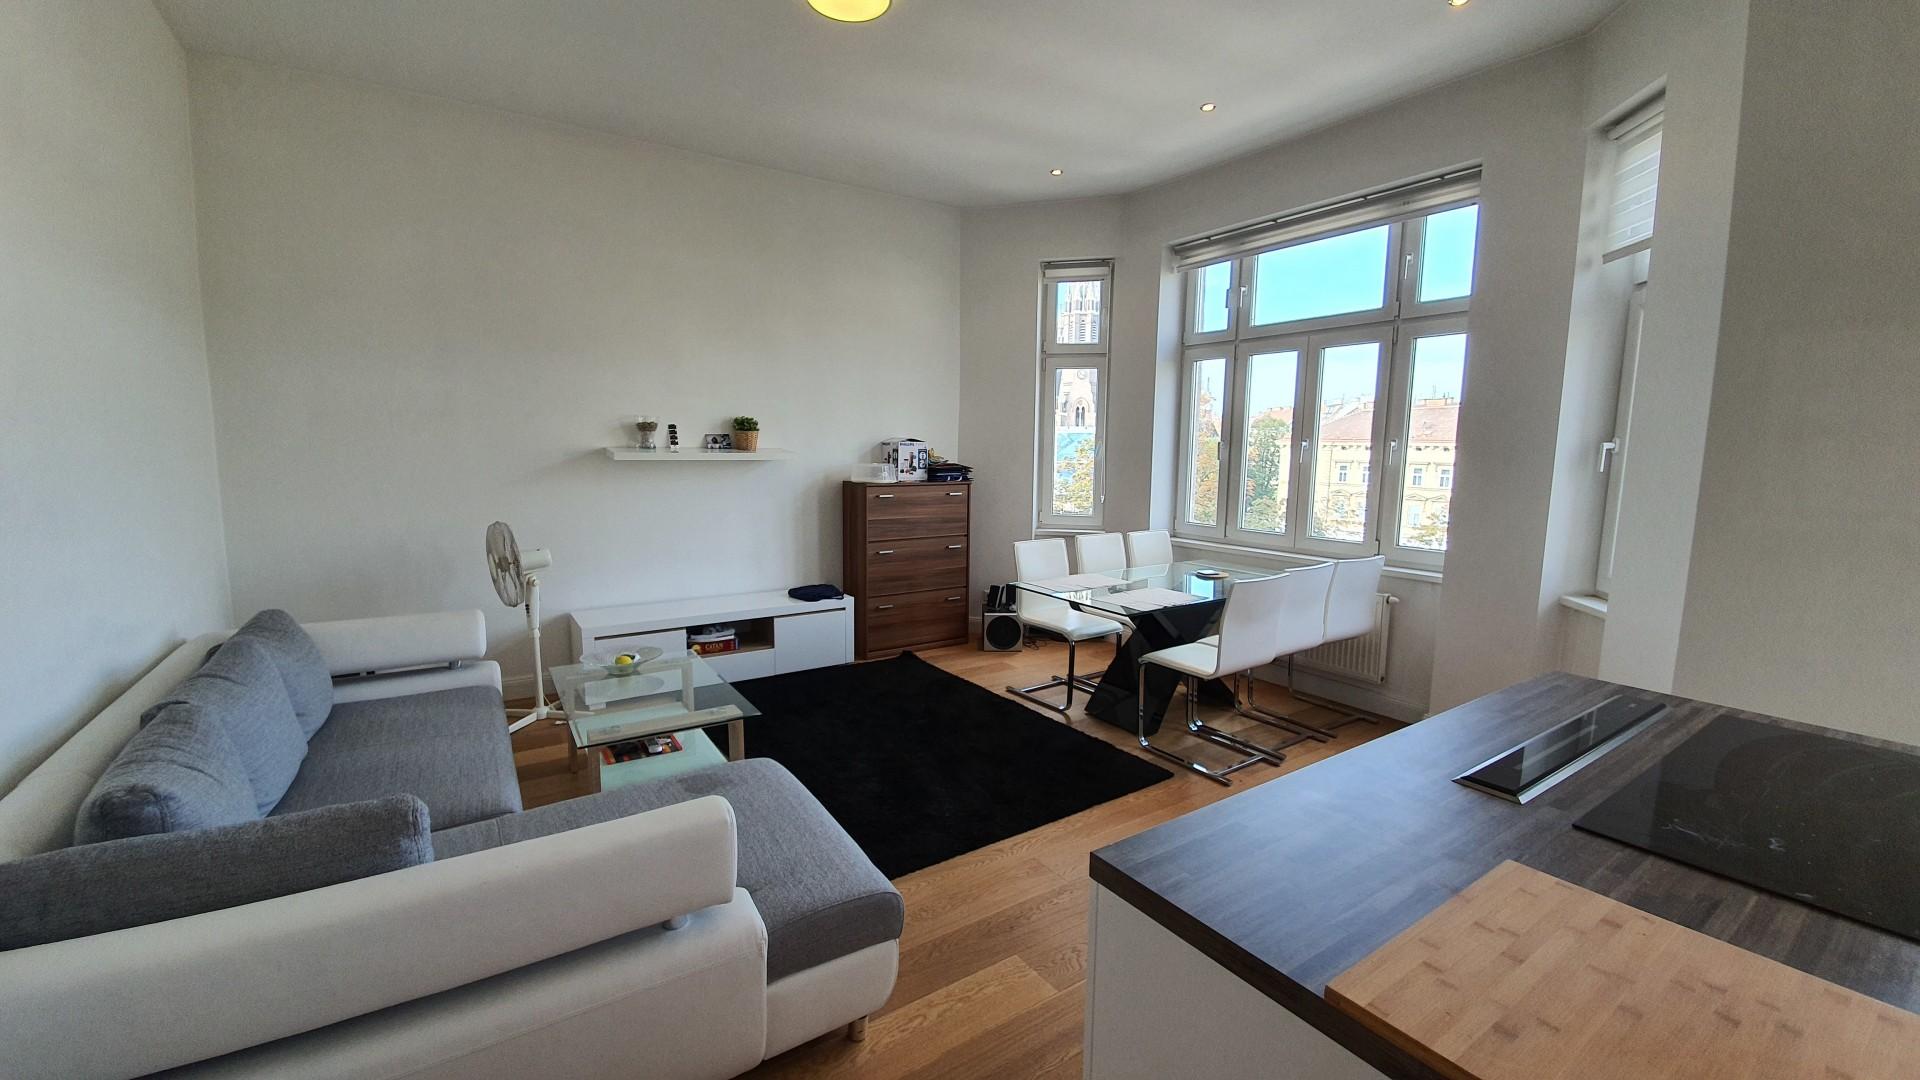 Virtueller Rundgang 360° - Schöne, helle 3 Zimmer Altbauwohnung